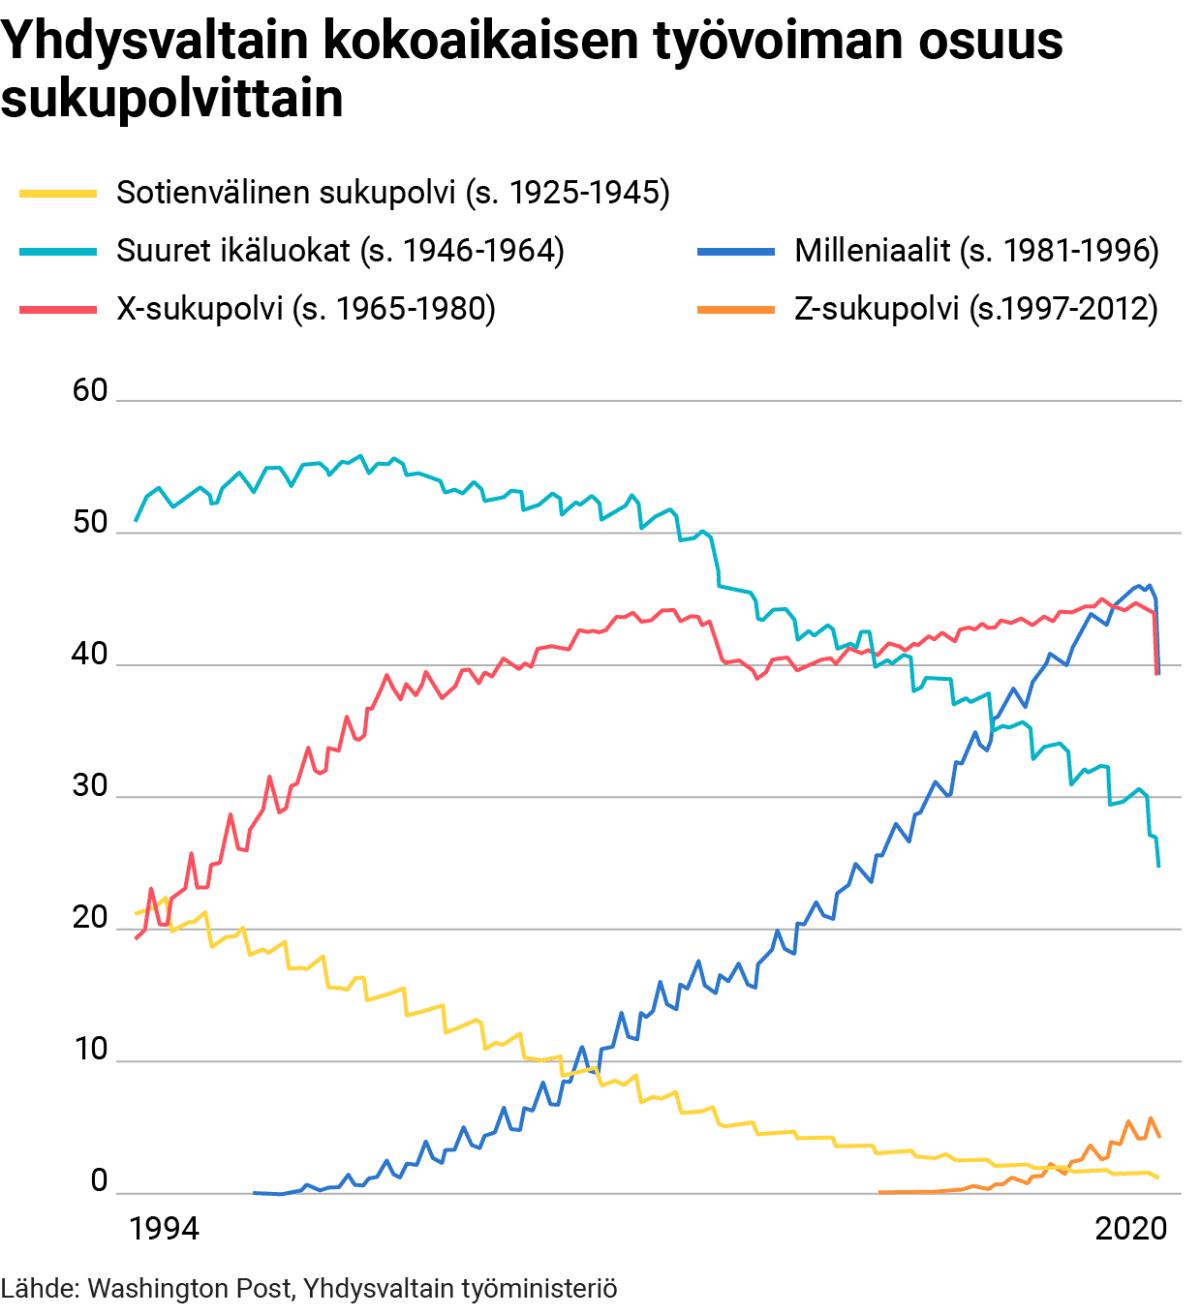 Tilastografiikka työvoiman osuudesta Yhdysvalloissa.